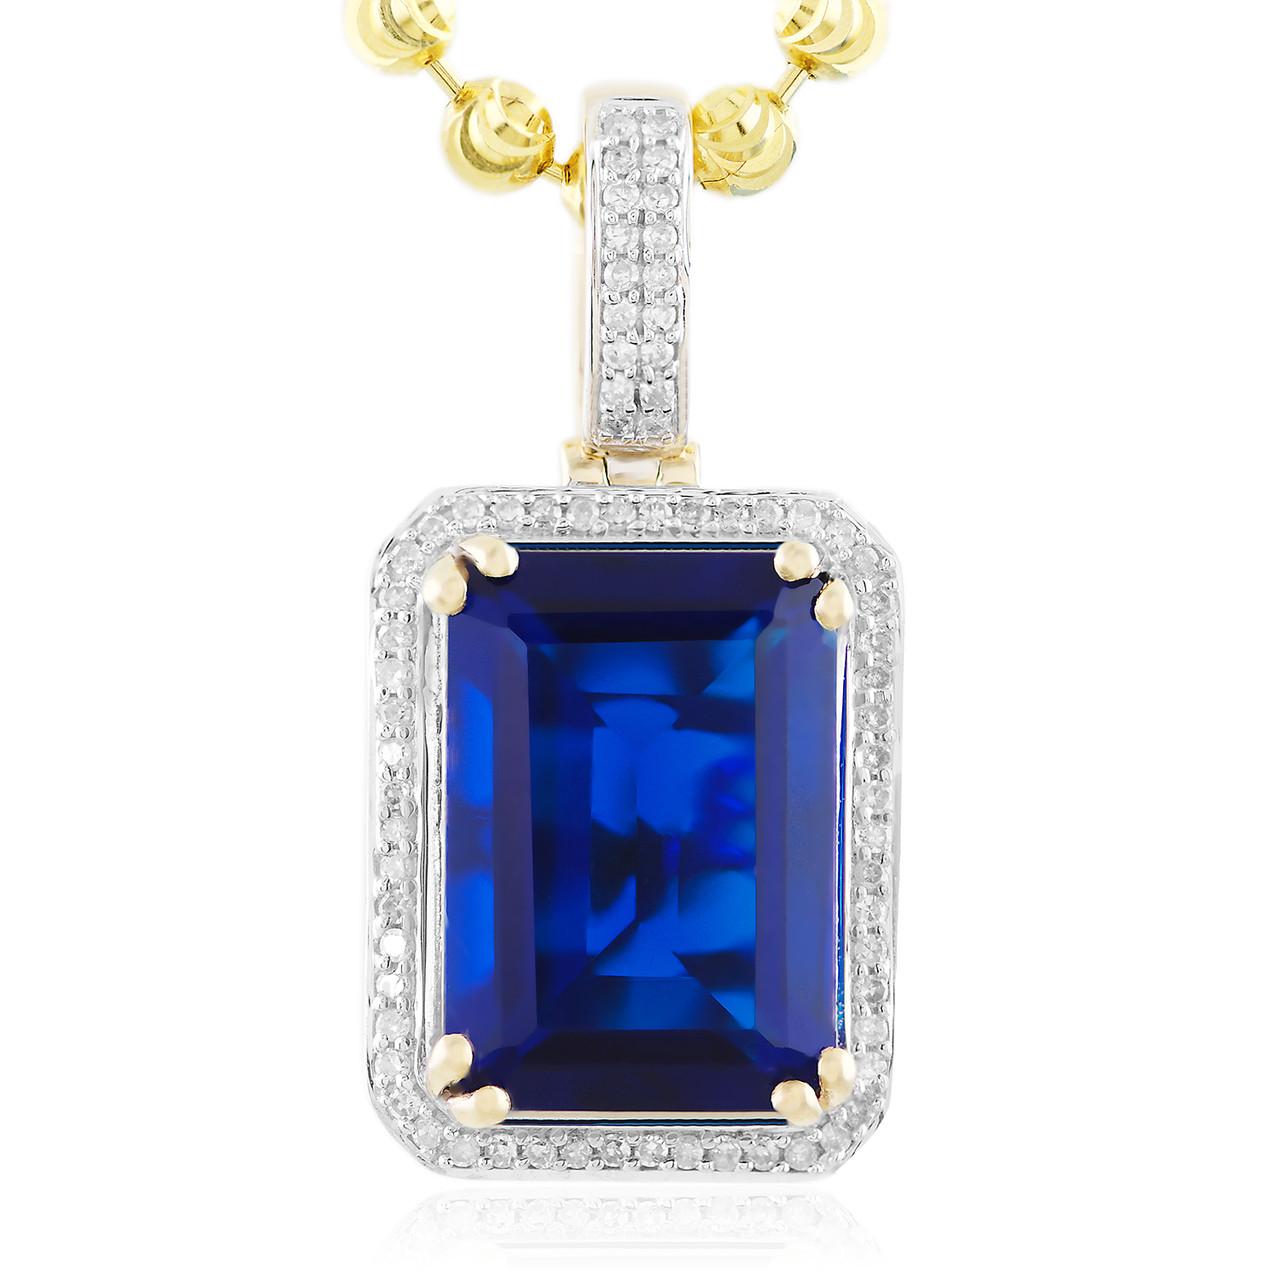 2e8d147ef91 Men's 10k Yellow Gold .25ct Diamond Blue Sapphire Pendant - Shyne  Jewelers.com